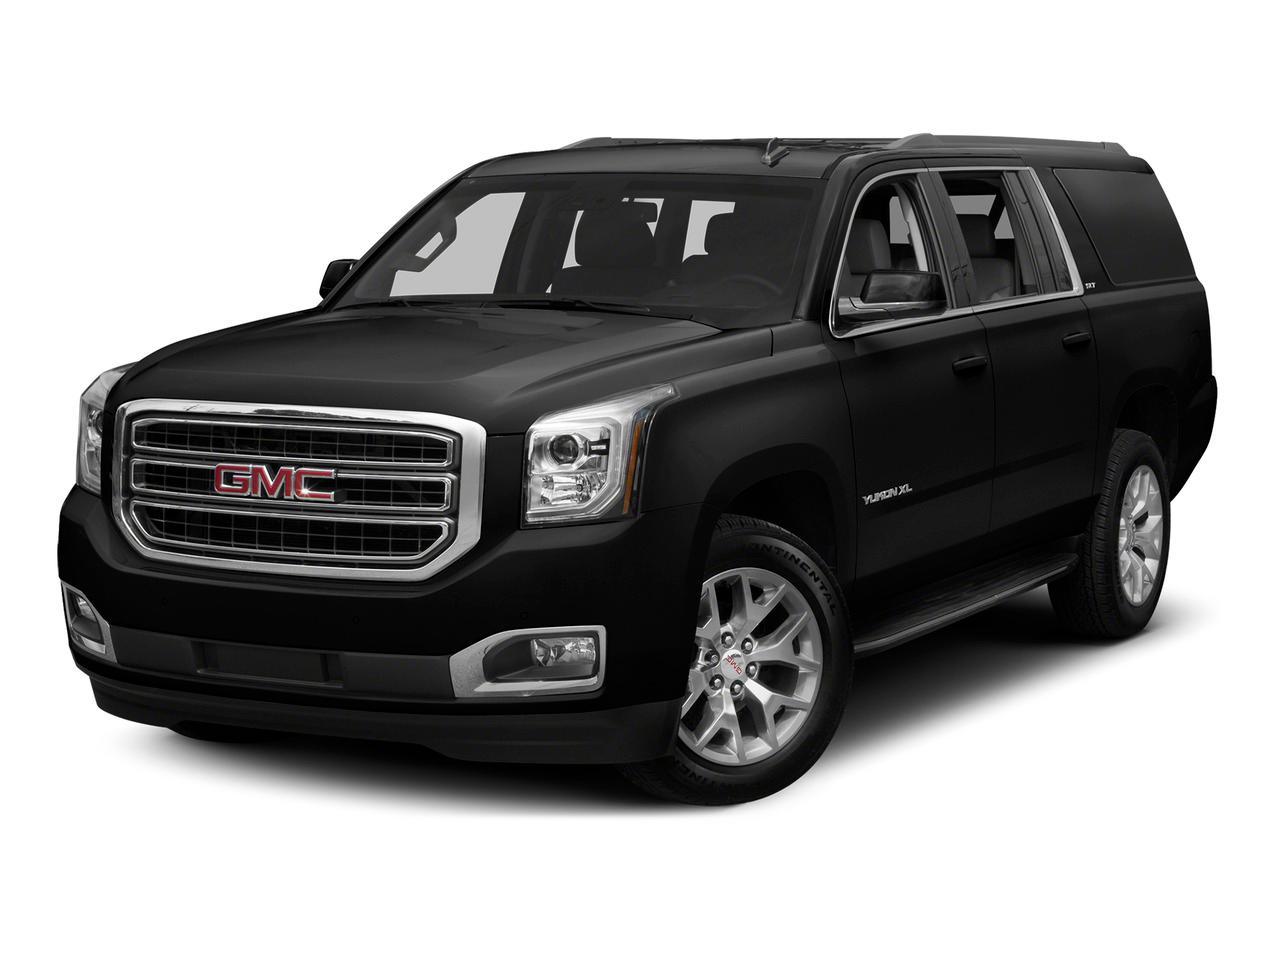 2015 Gmc Yukon Xl Slt Black 2015 Gmc Yukon Car For Sale